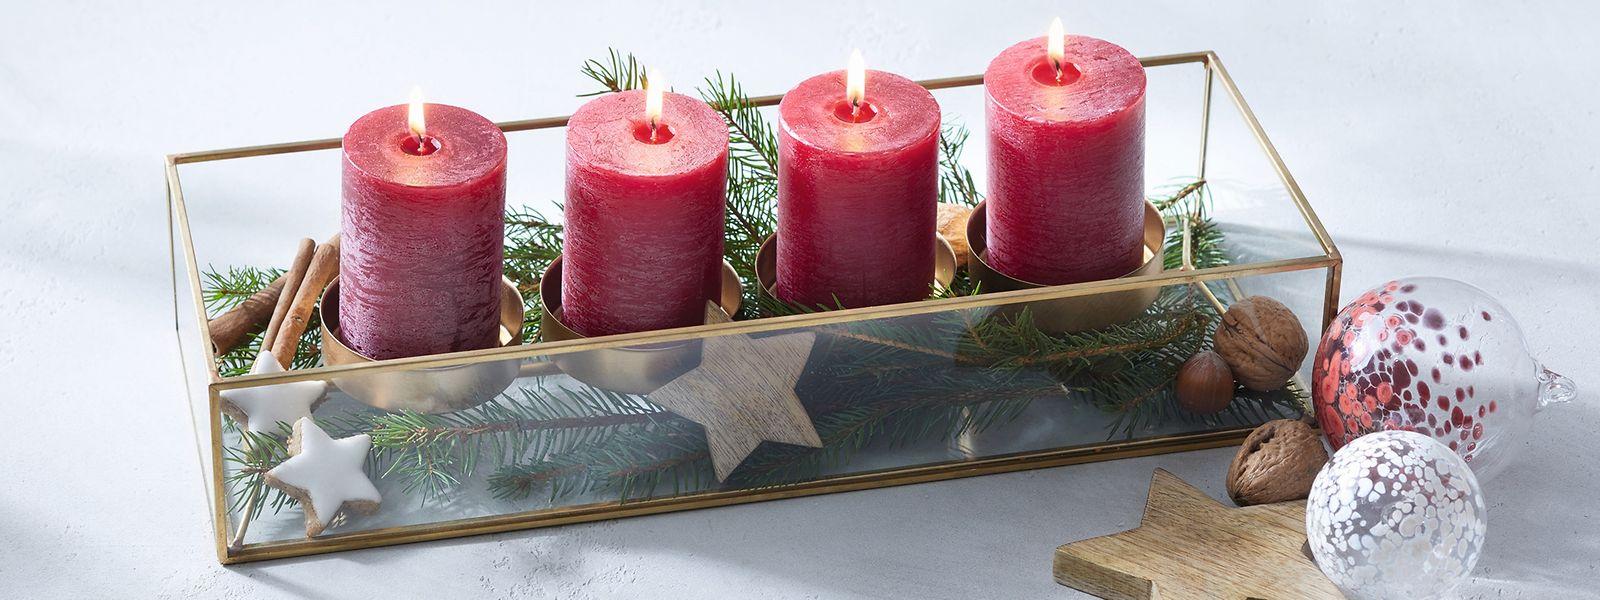 Edel wirkt diese Weihnachtsdeko bei der ein transparentes Material mit Metall kombiniert wurde.